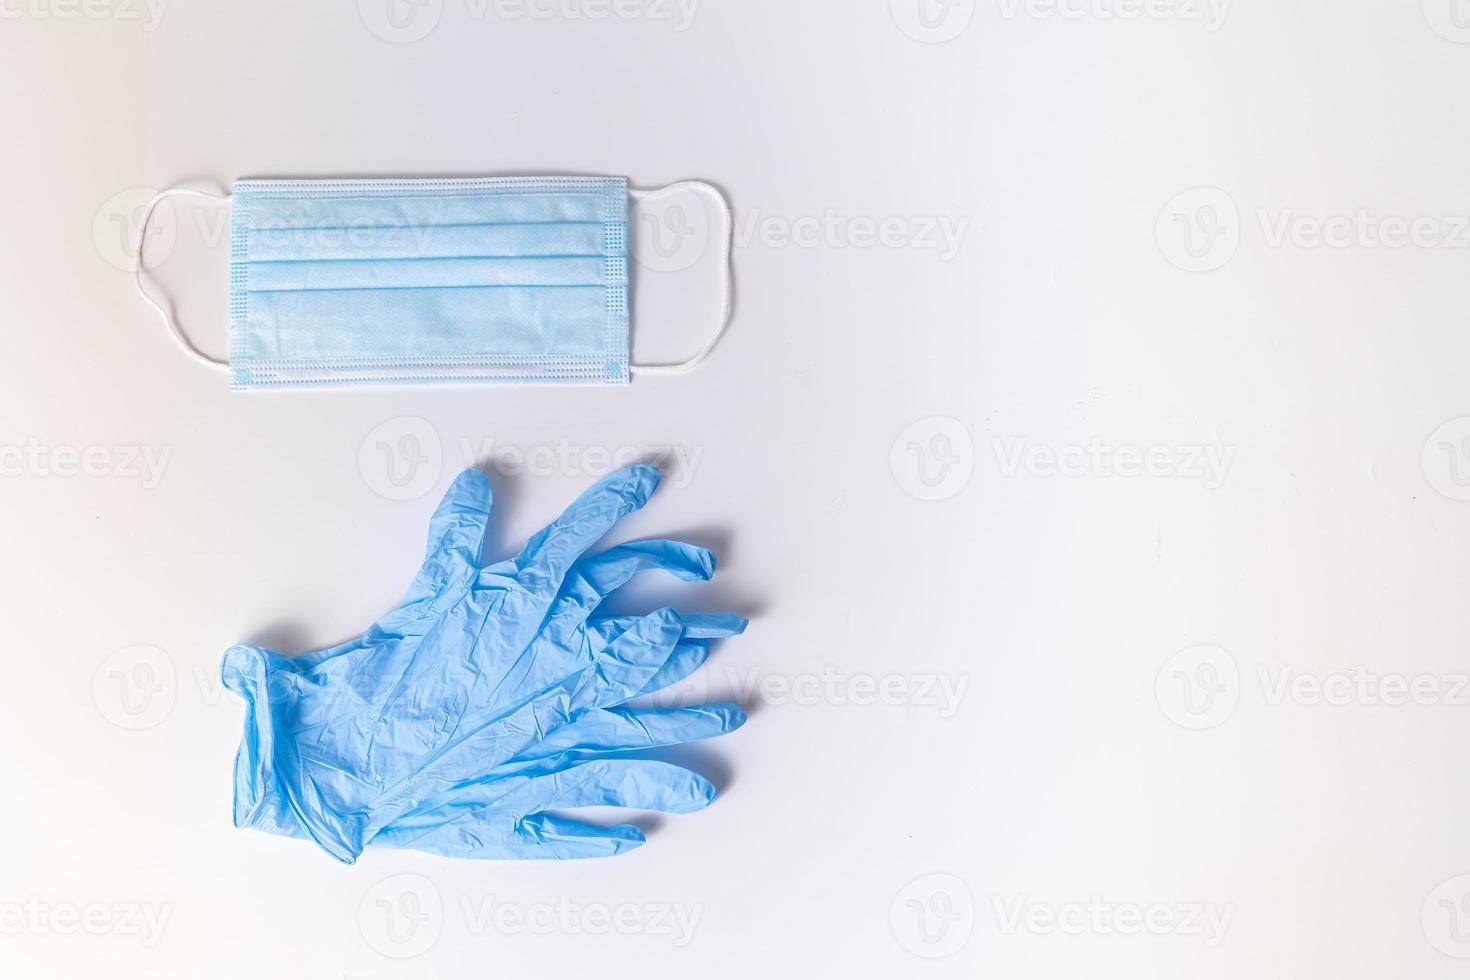 máscara cirúrgica e luvas de nitrilo foto